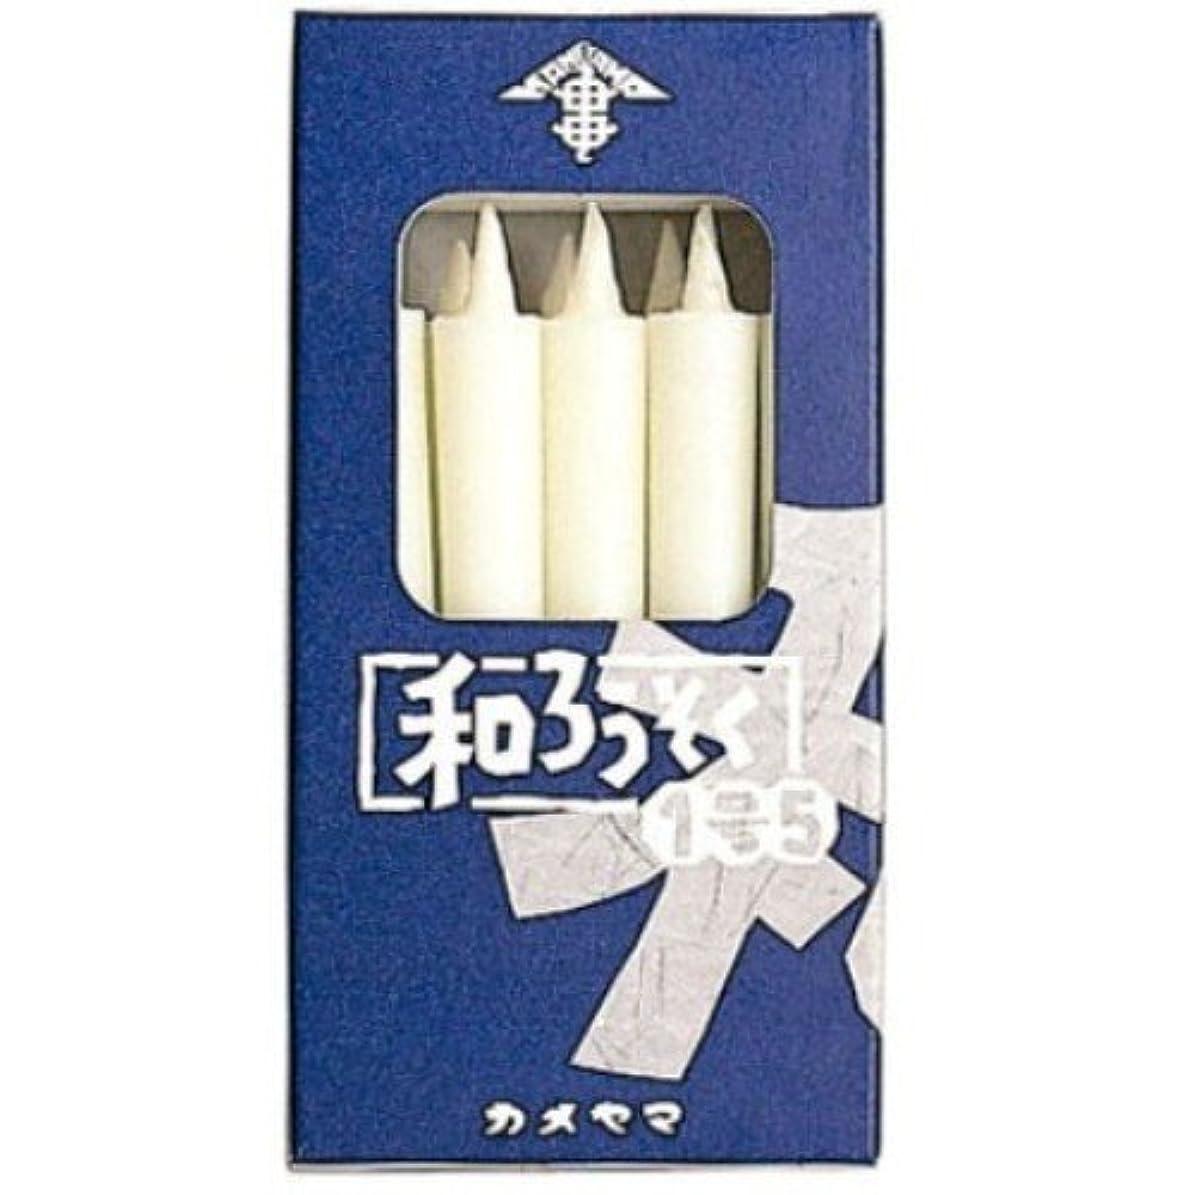 ソフィー乳製品触手和ろうそく1号5 白 箱入 × 20個セット